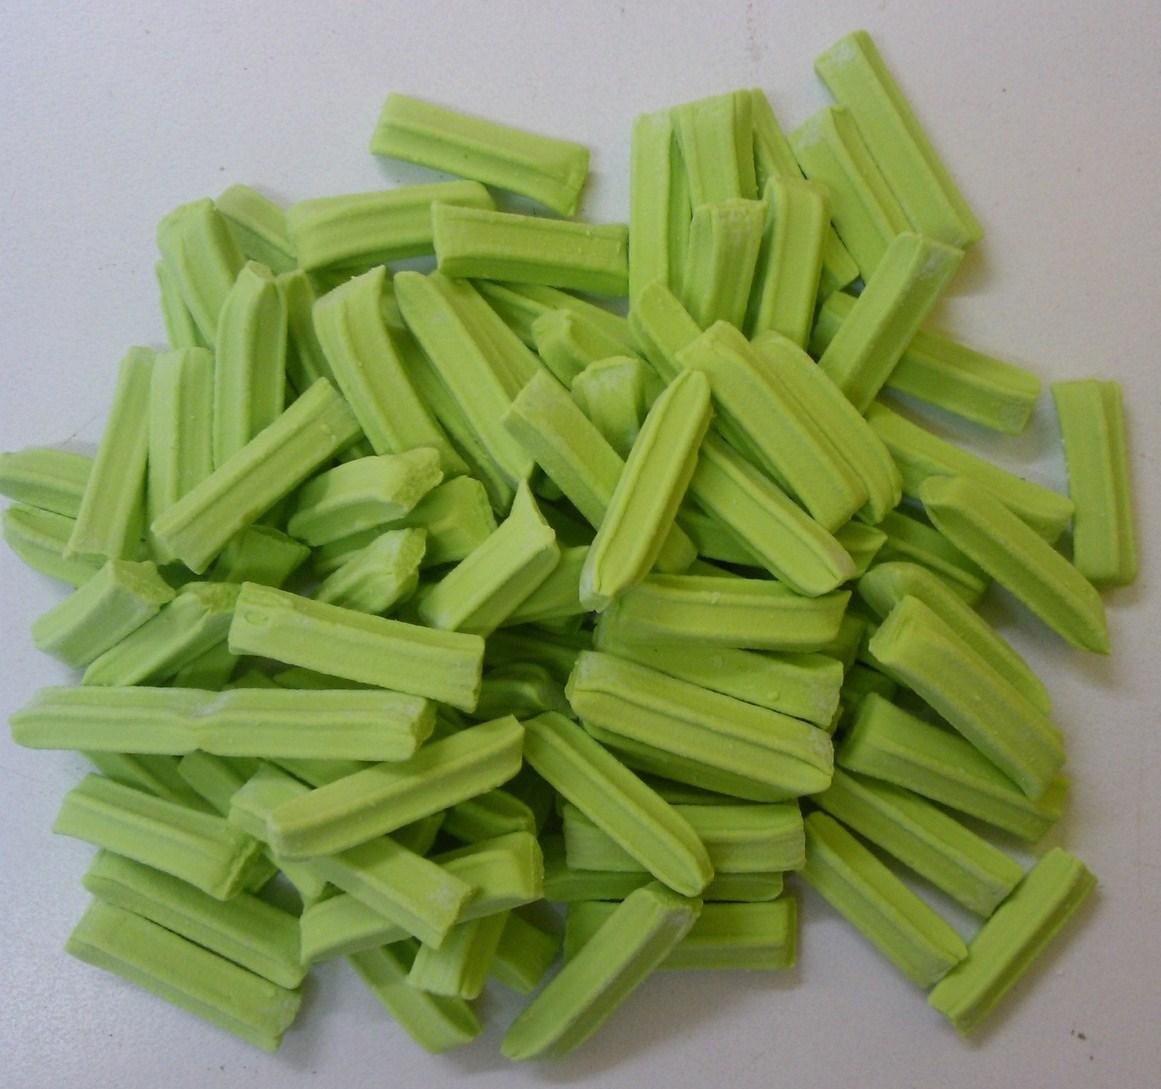 Mini Lime Sticks